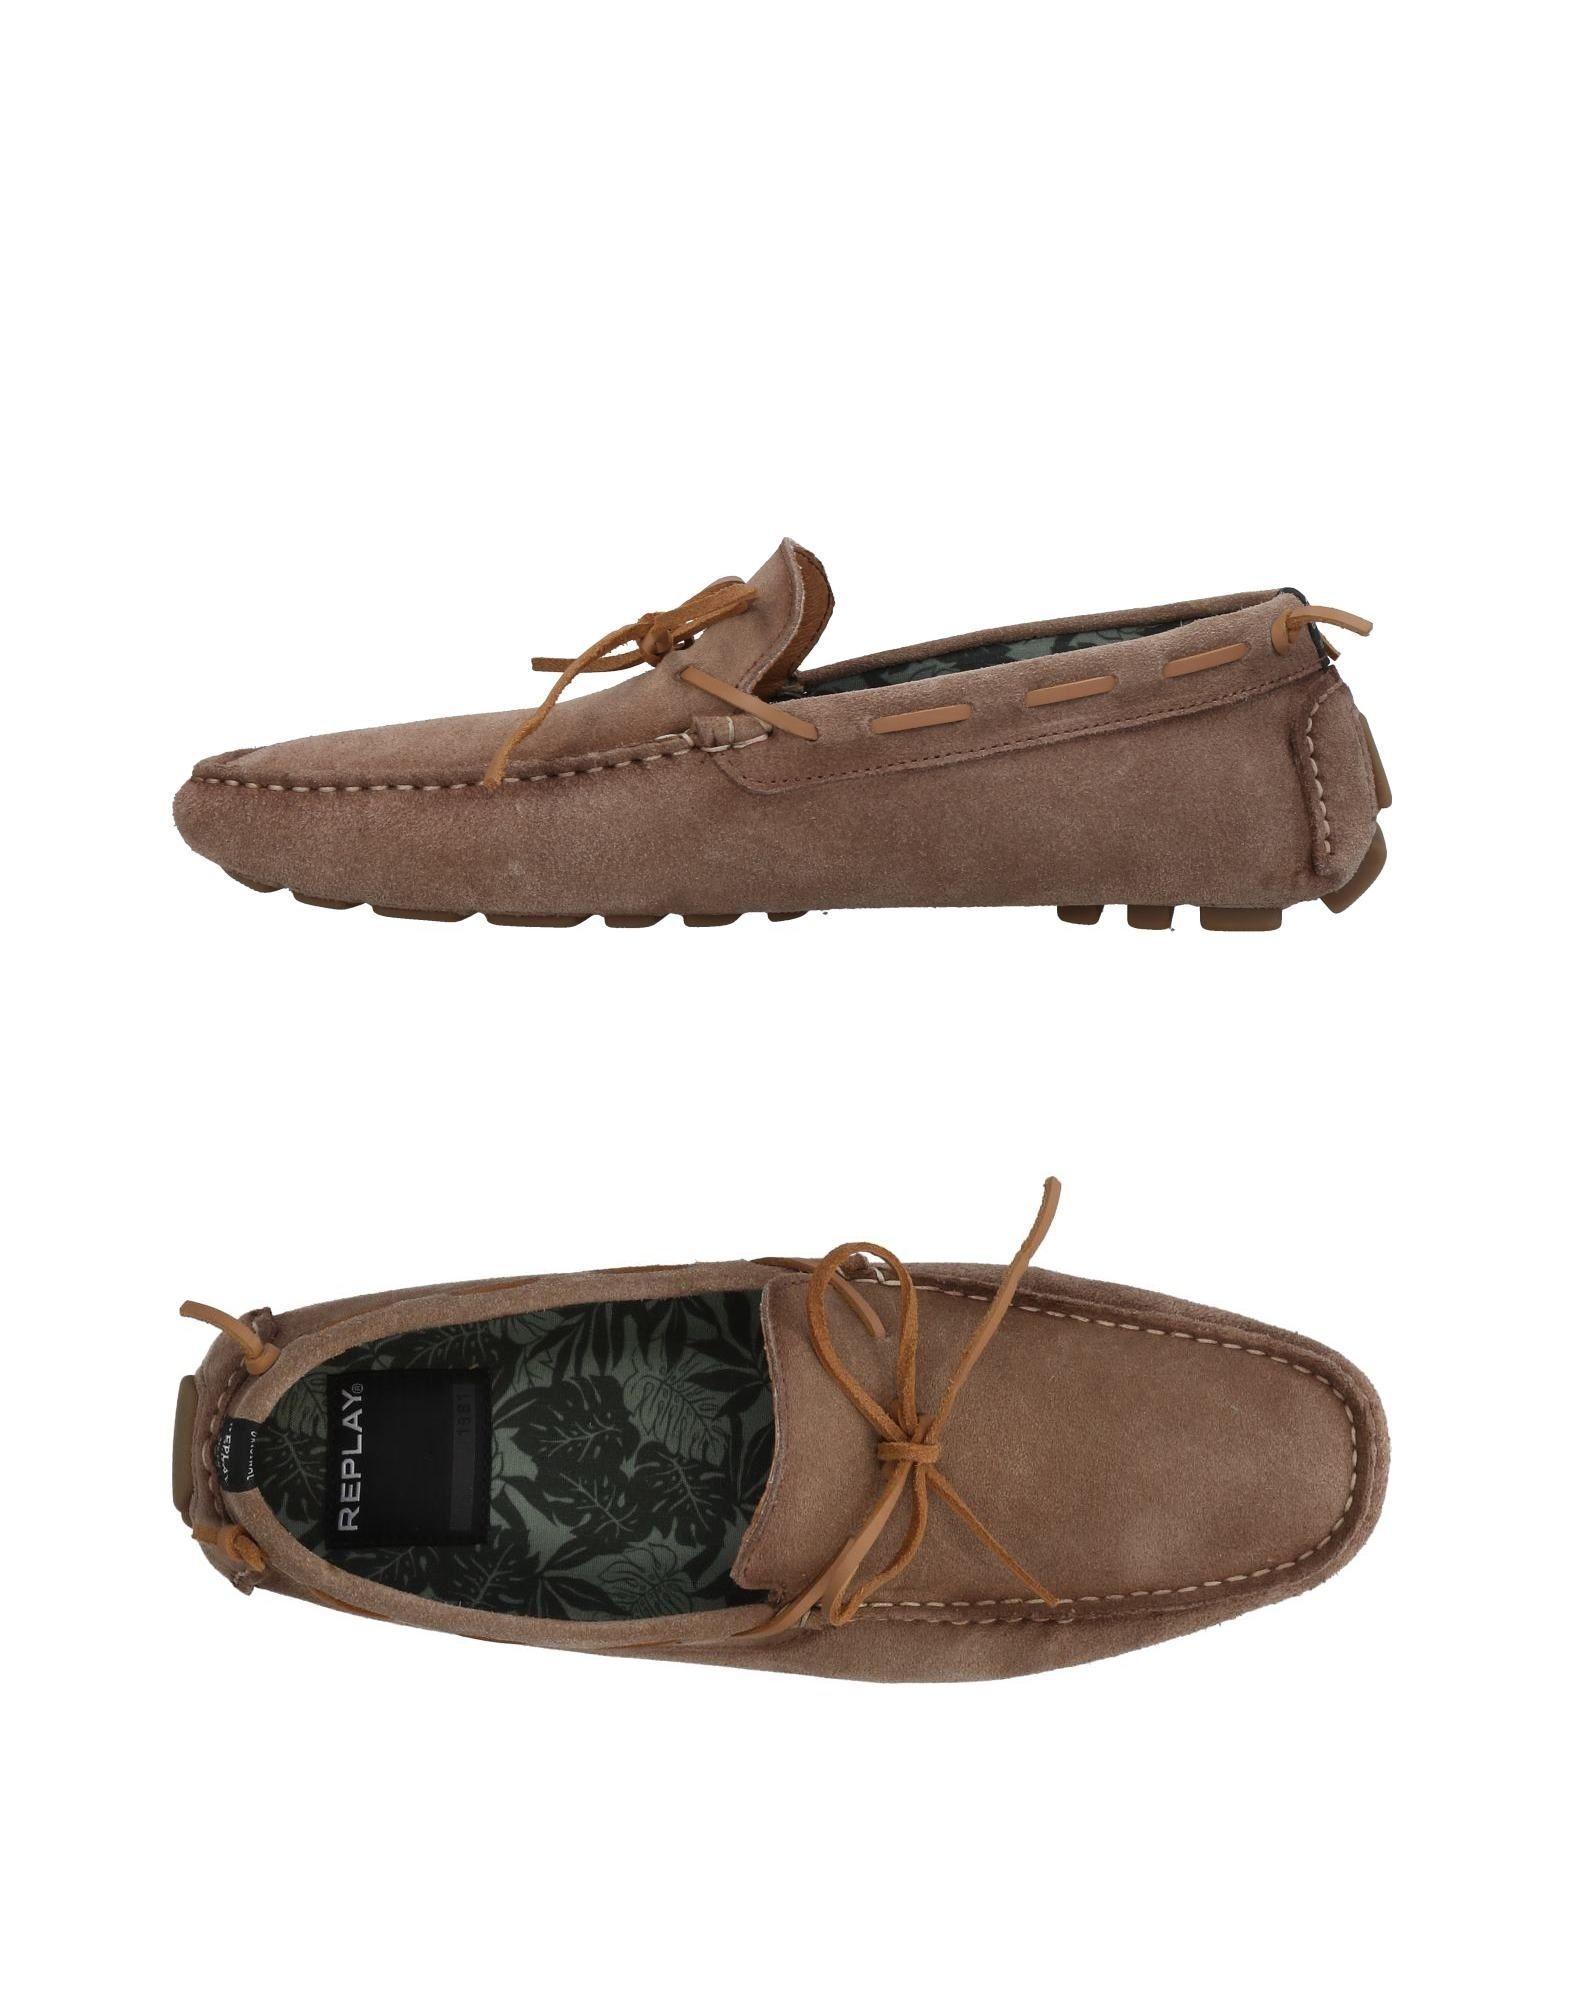 11419418DW Replay Mokassins Herren  11419418DW  Heiße Schuhe 1495eb